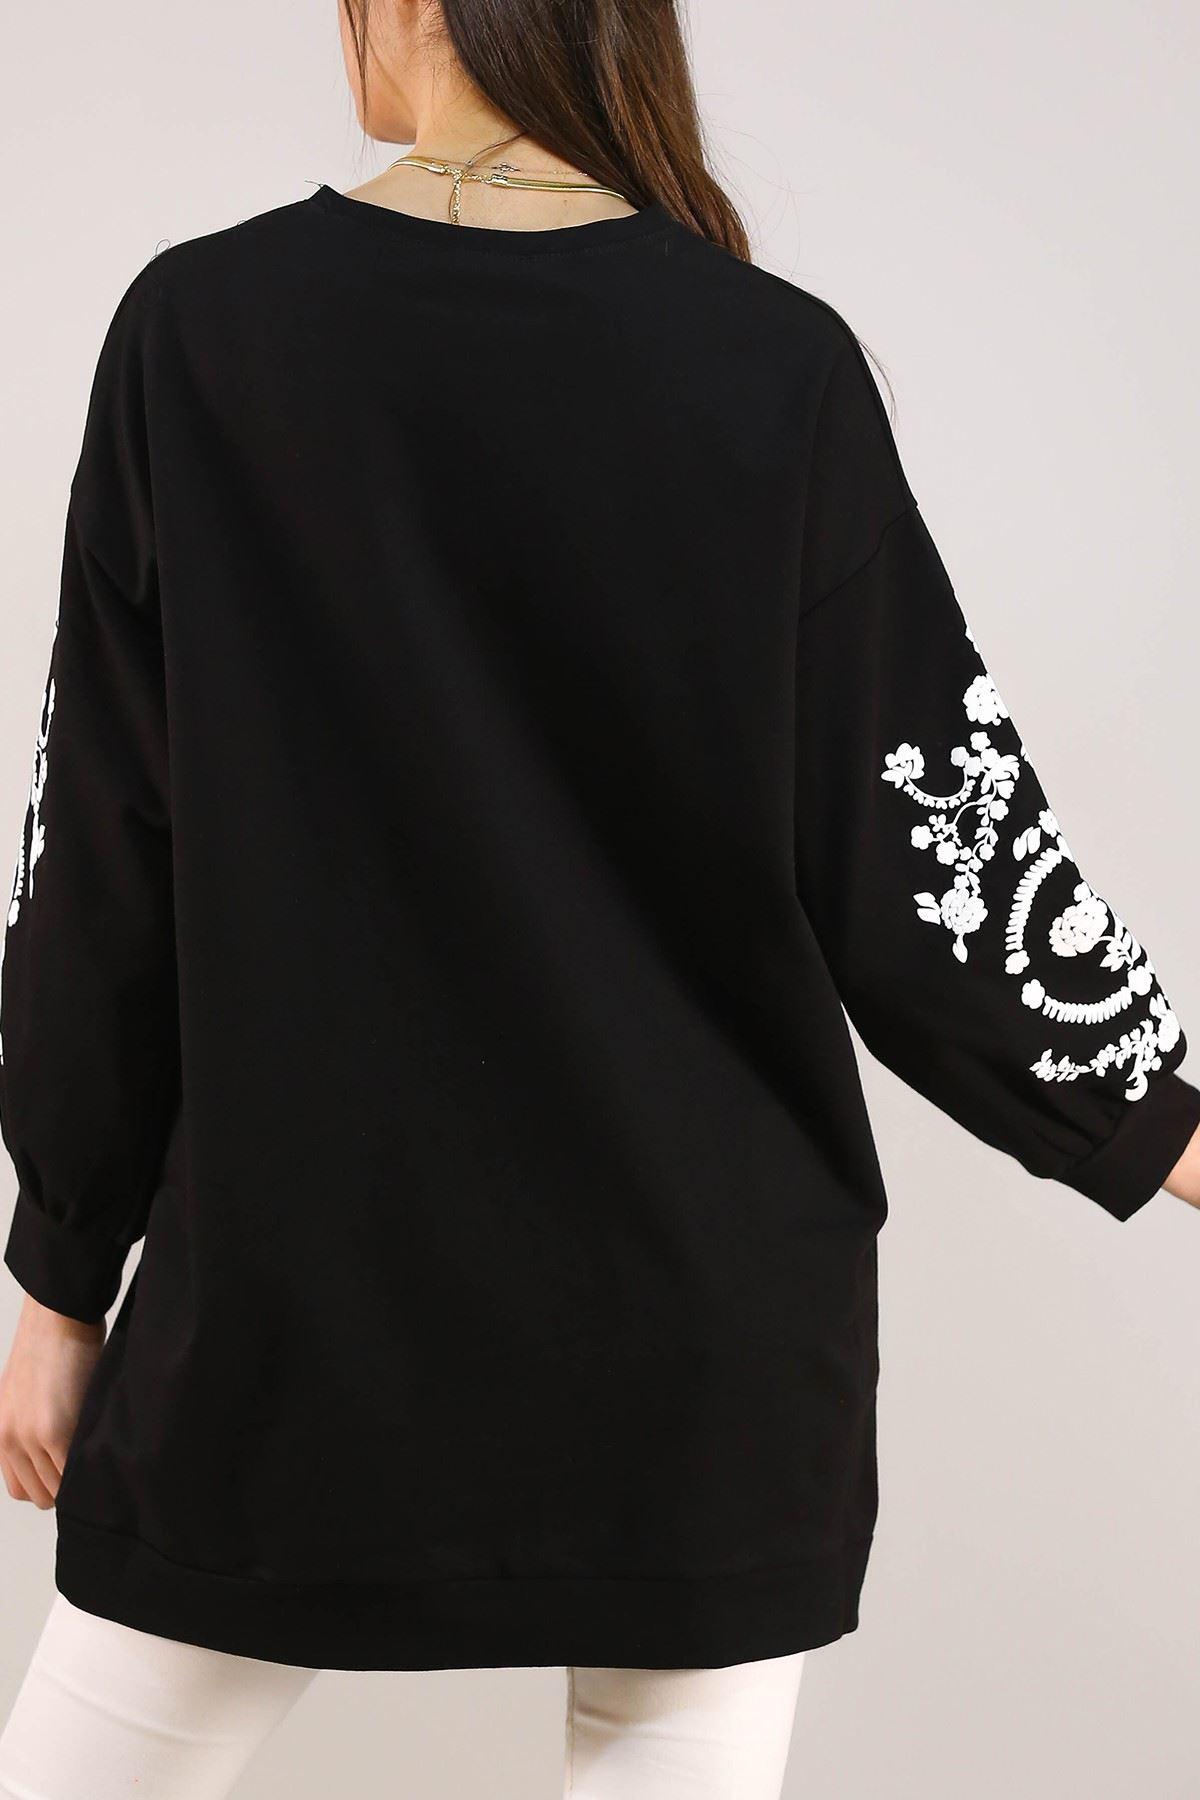 Kolları Çiçek Baskılı Sweat Siyah - 3064.105.